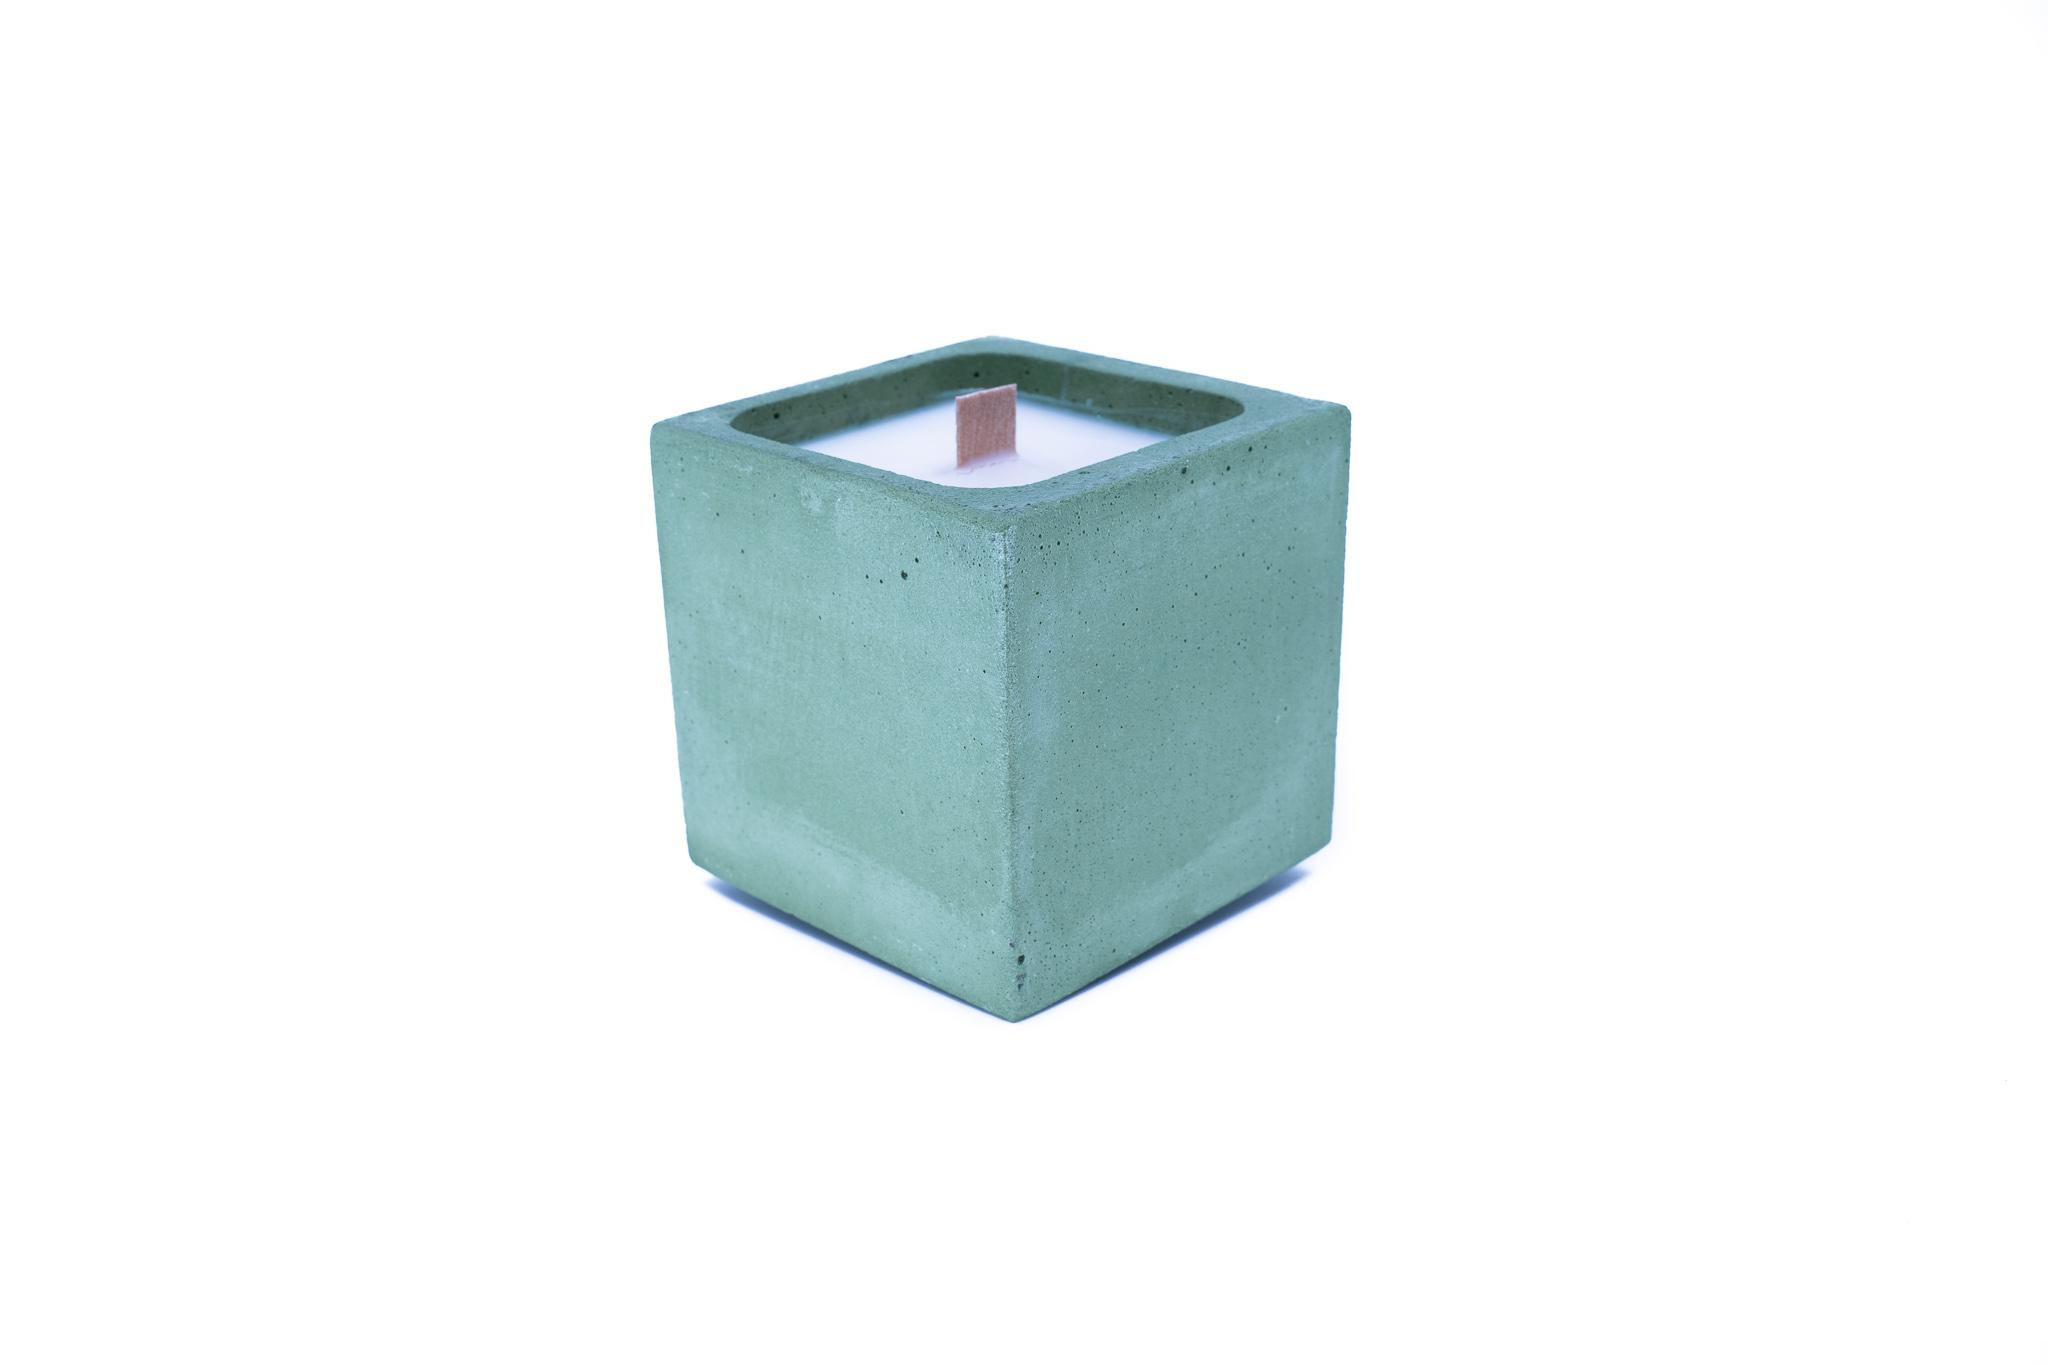 Bougie en béton coloré vert fleur de coton